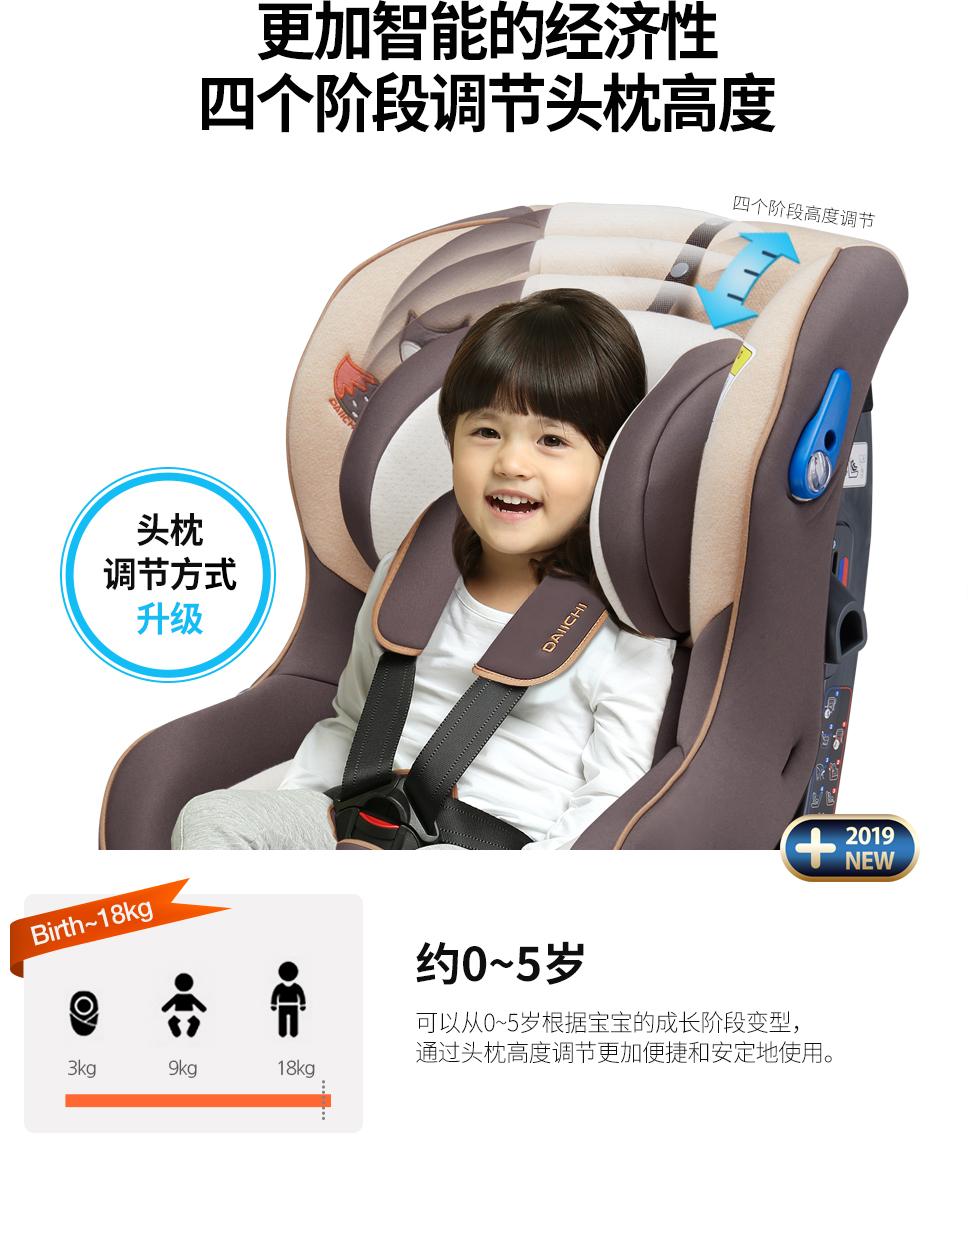 可以从0~5岁根据宝宝的成长阶段变型,通过头枕高度调节更加便捷和安定地使用. 玳奇 达尔文S